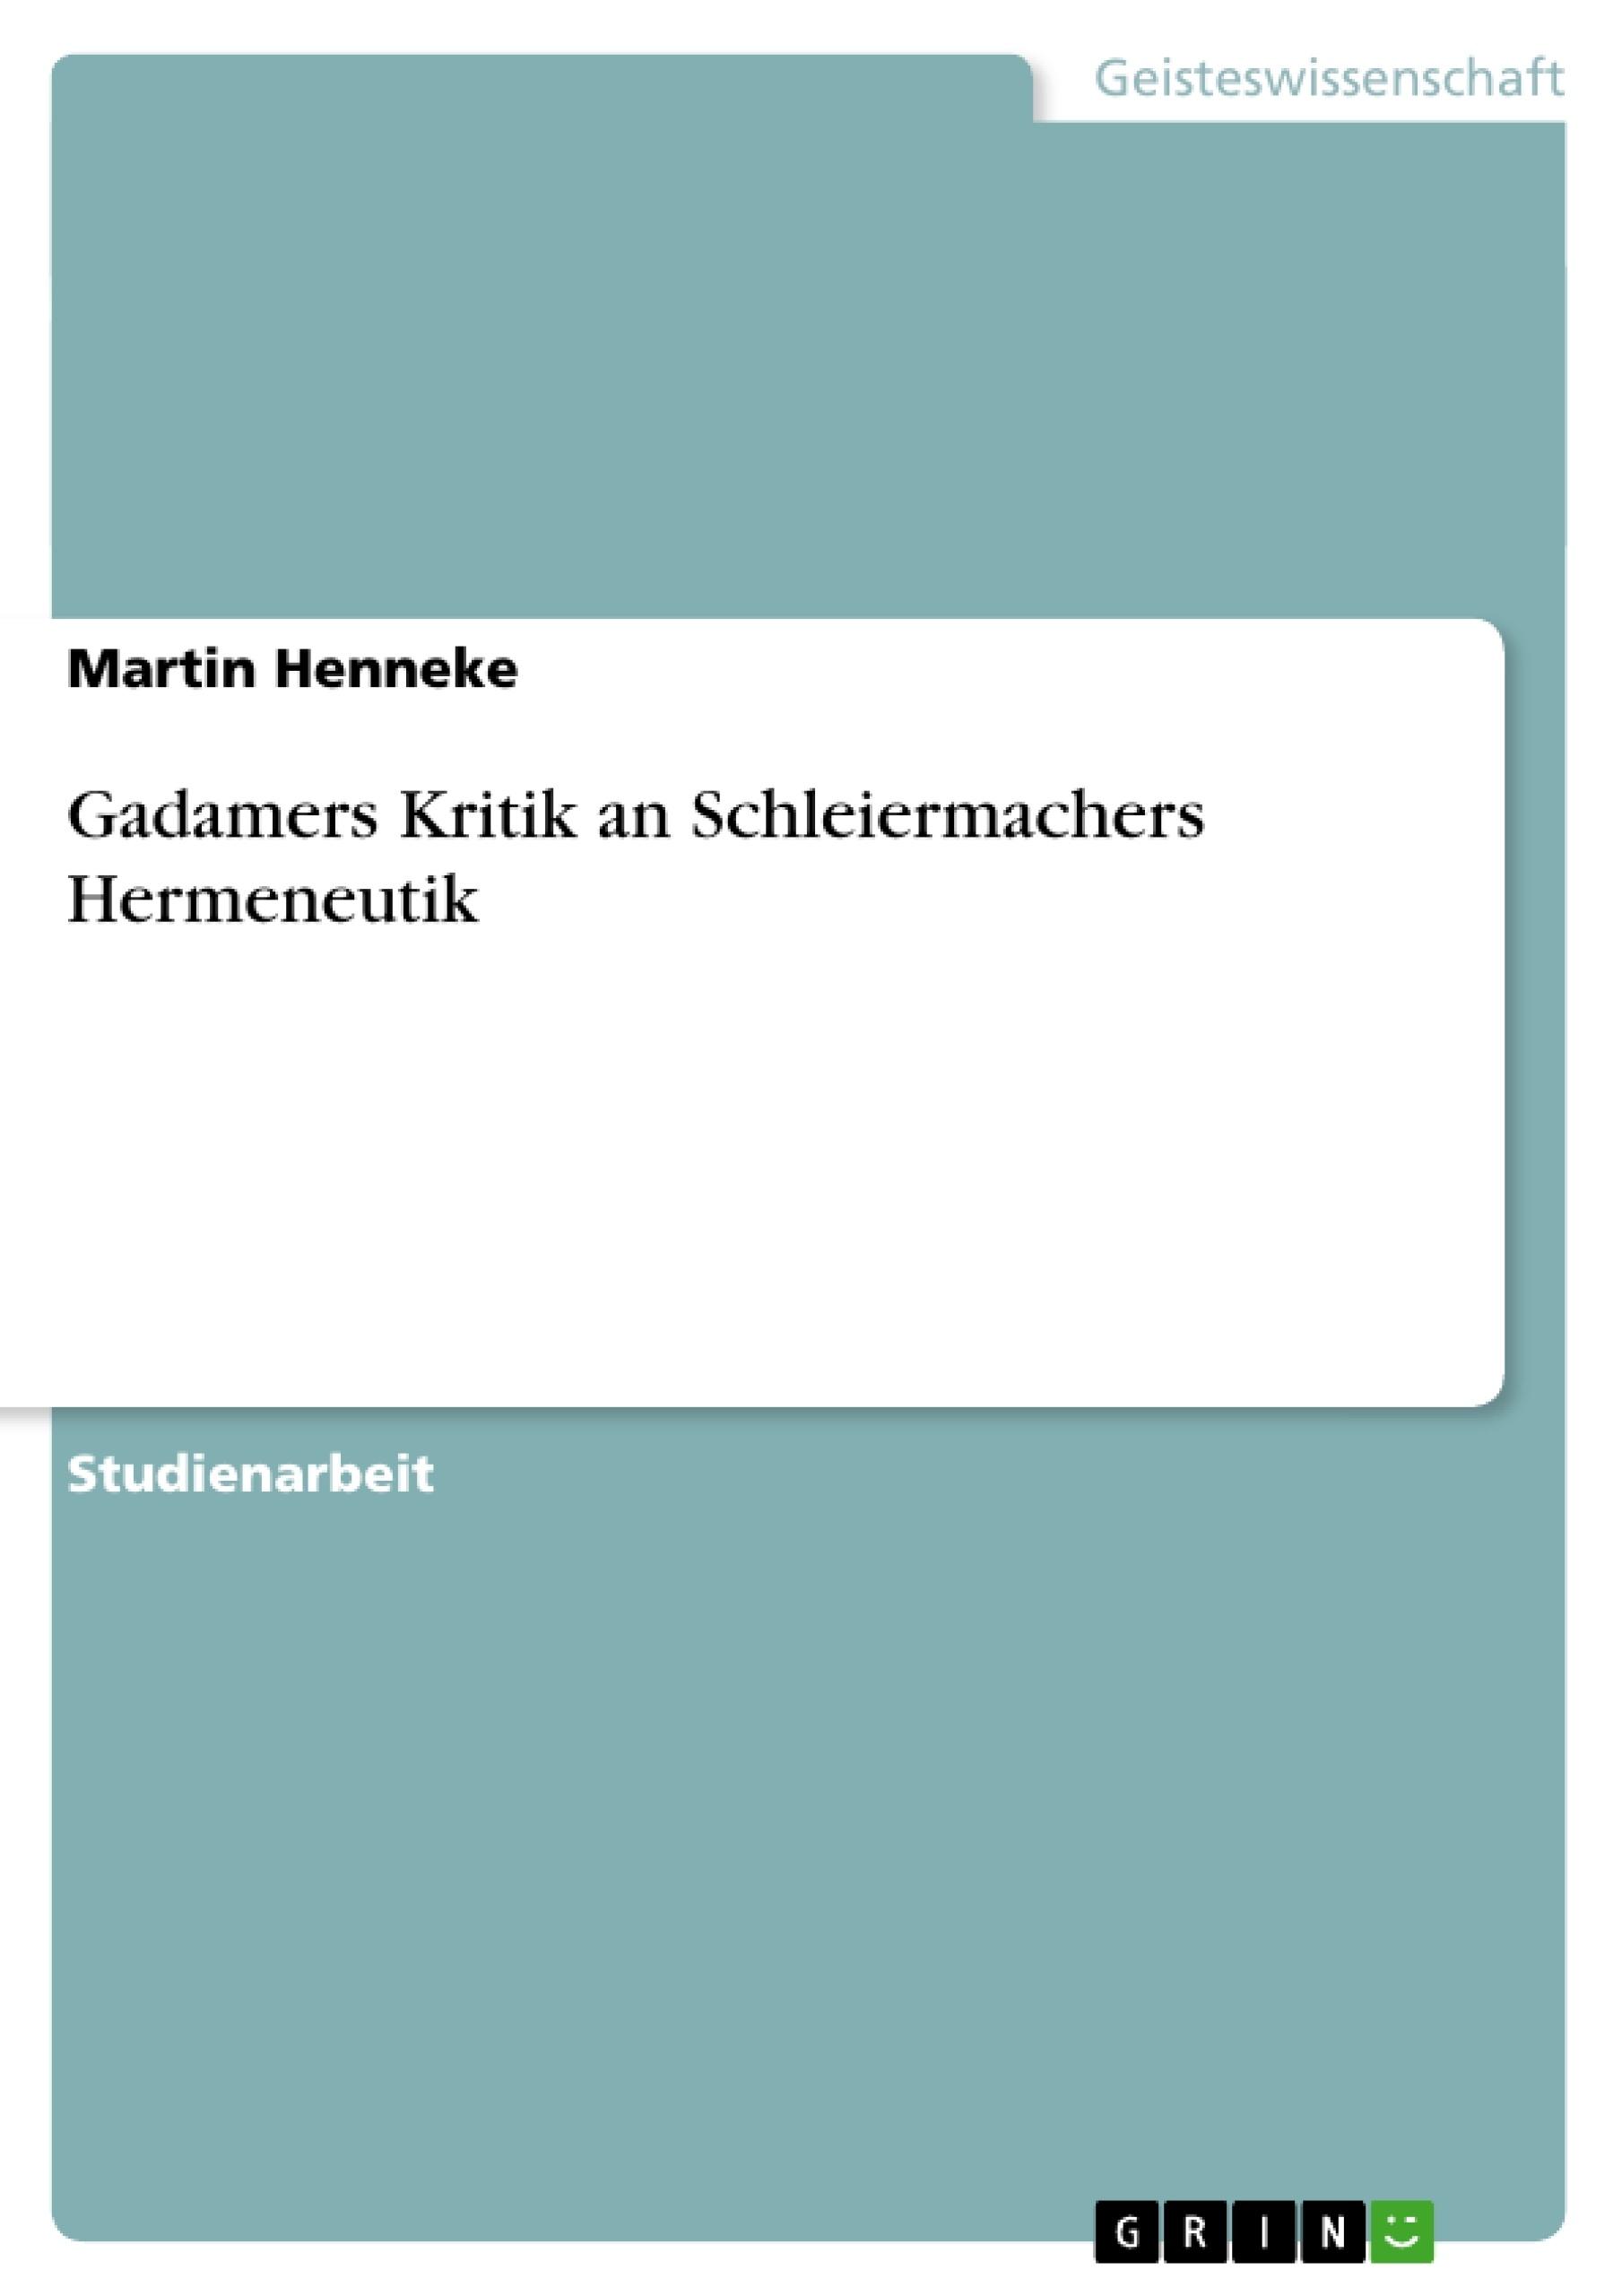 Titel: Gadamers Kritik an Schleiermachers Hermeneutik